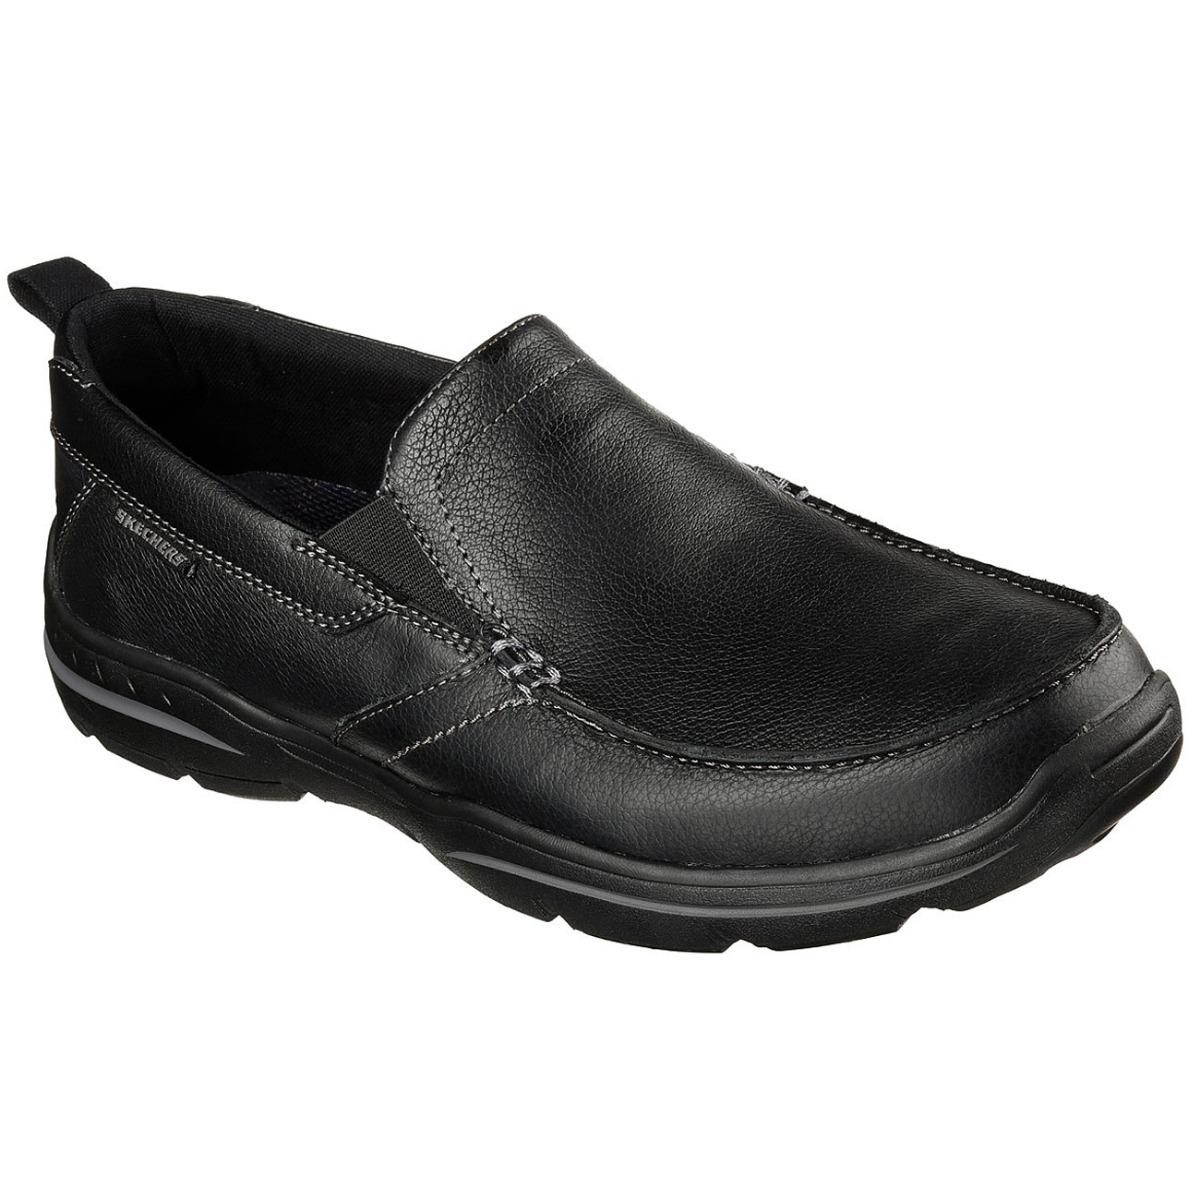 Skechers Memory Foam Zapatos skechers en Mercado Libre